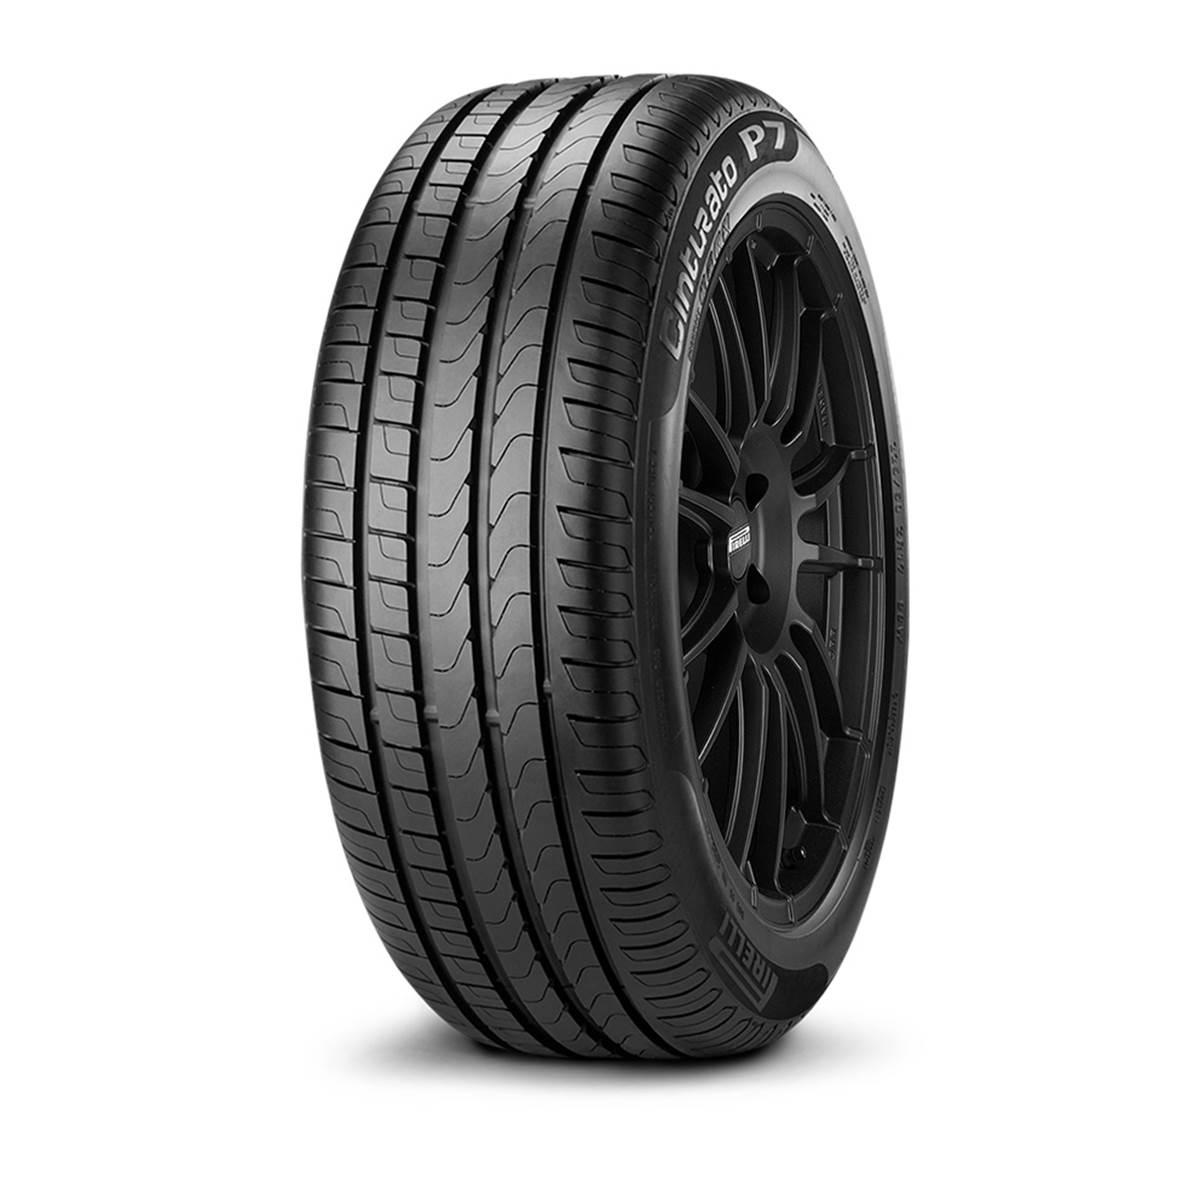 Pneu Runflat Pirelli 275/40R18 99Y Cinturato P7